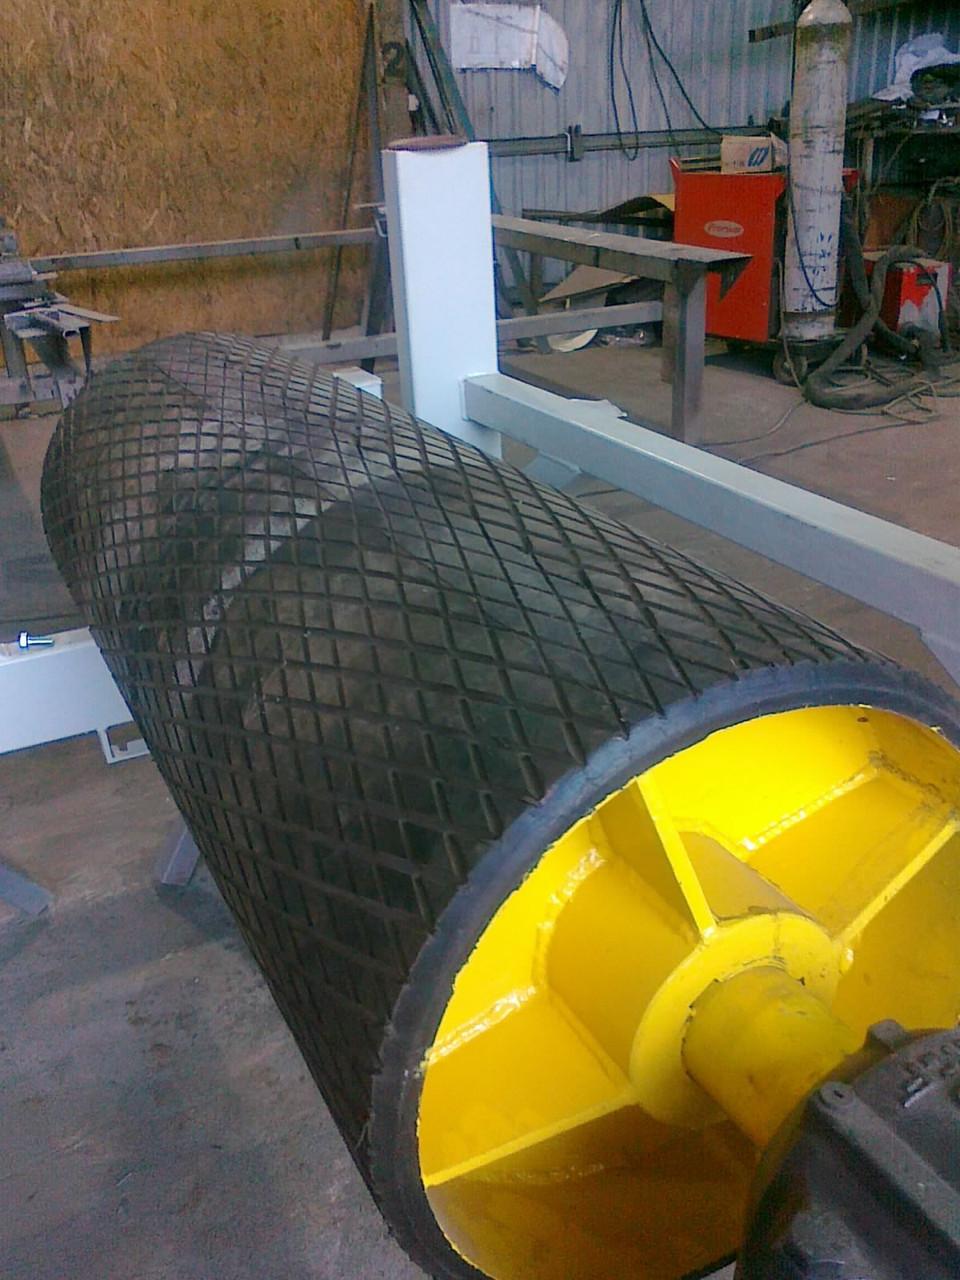 Гуммирование, обрезинка, футеровка приводного барабана ленточного конвейера: резиновым полотном, полиуретаном.